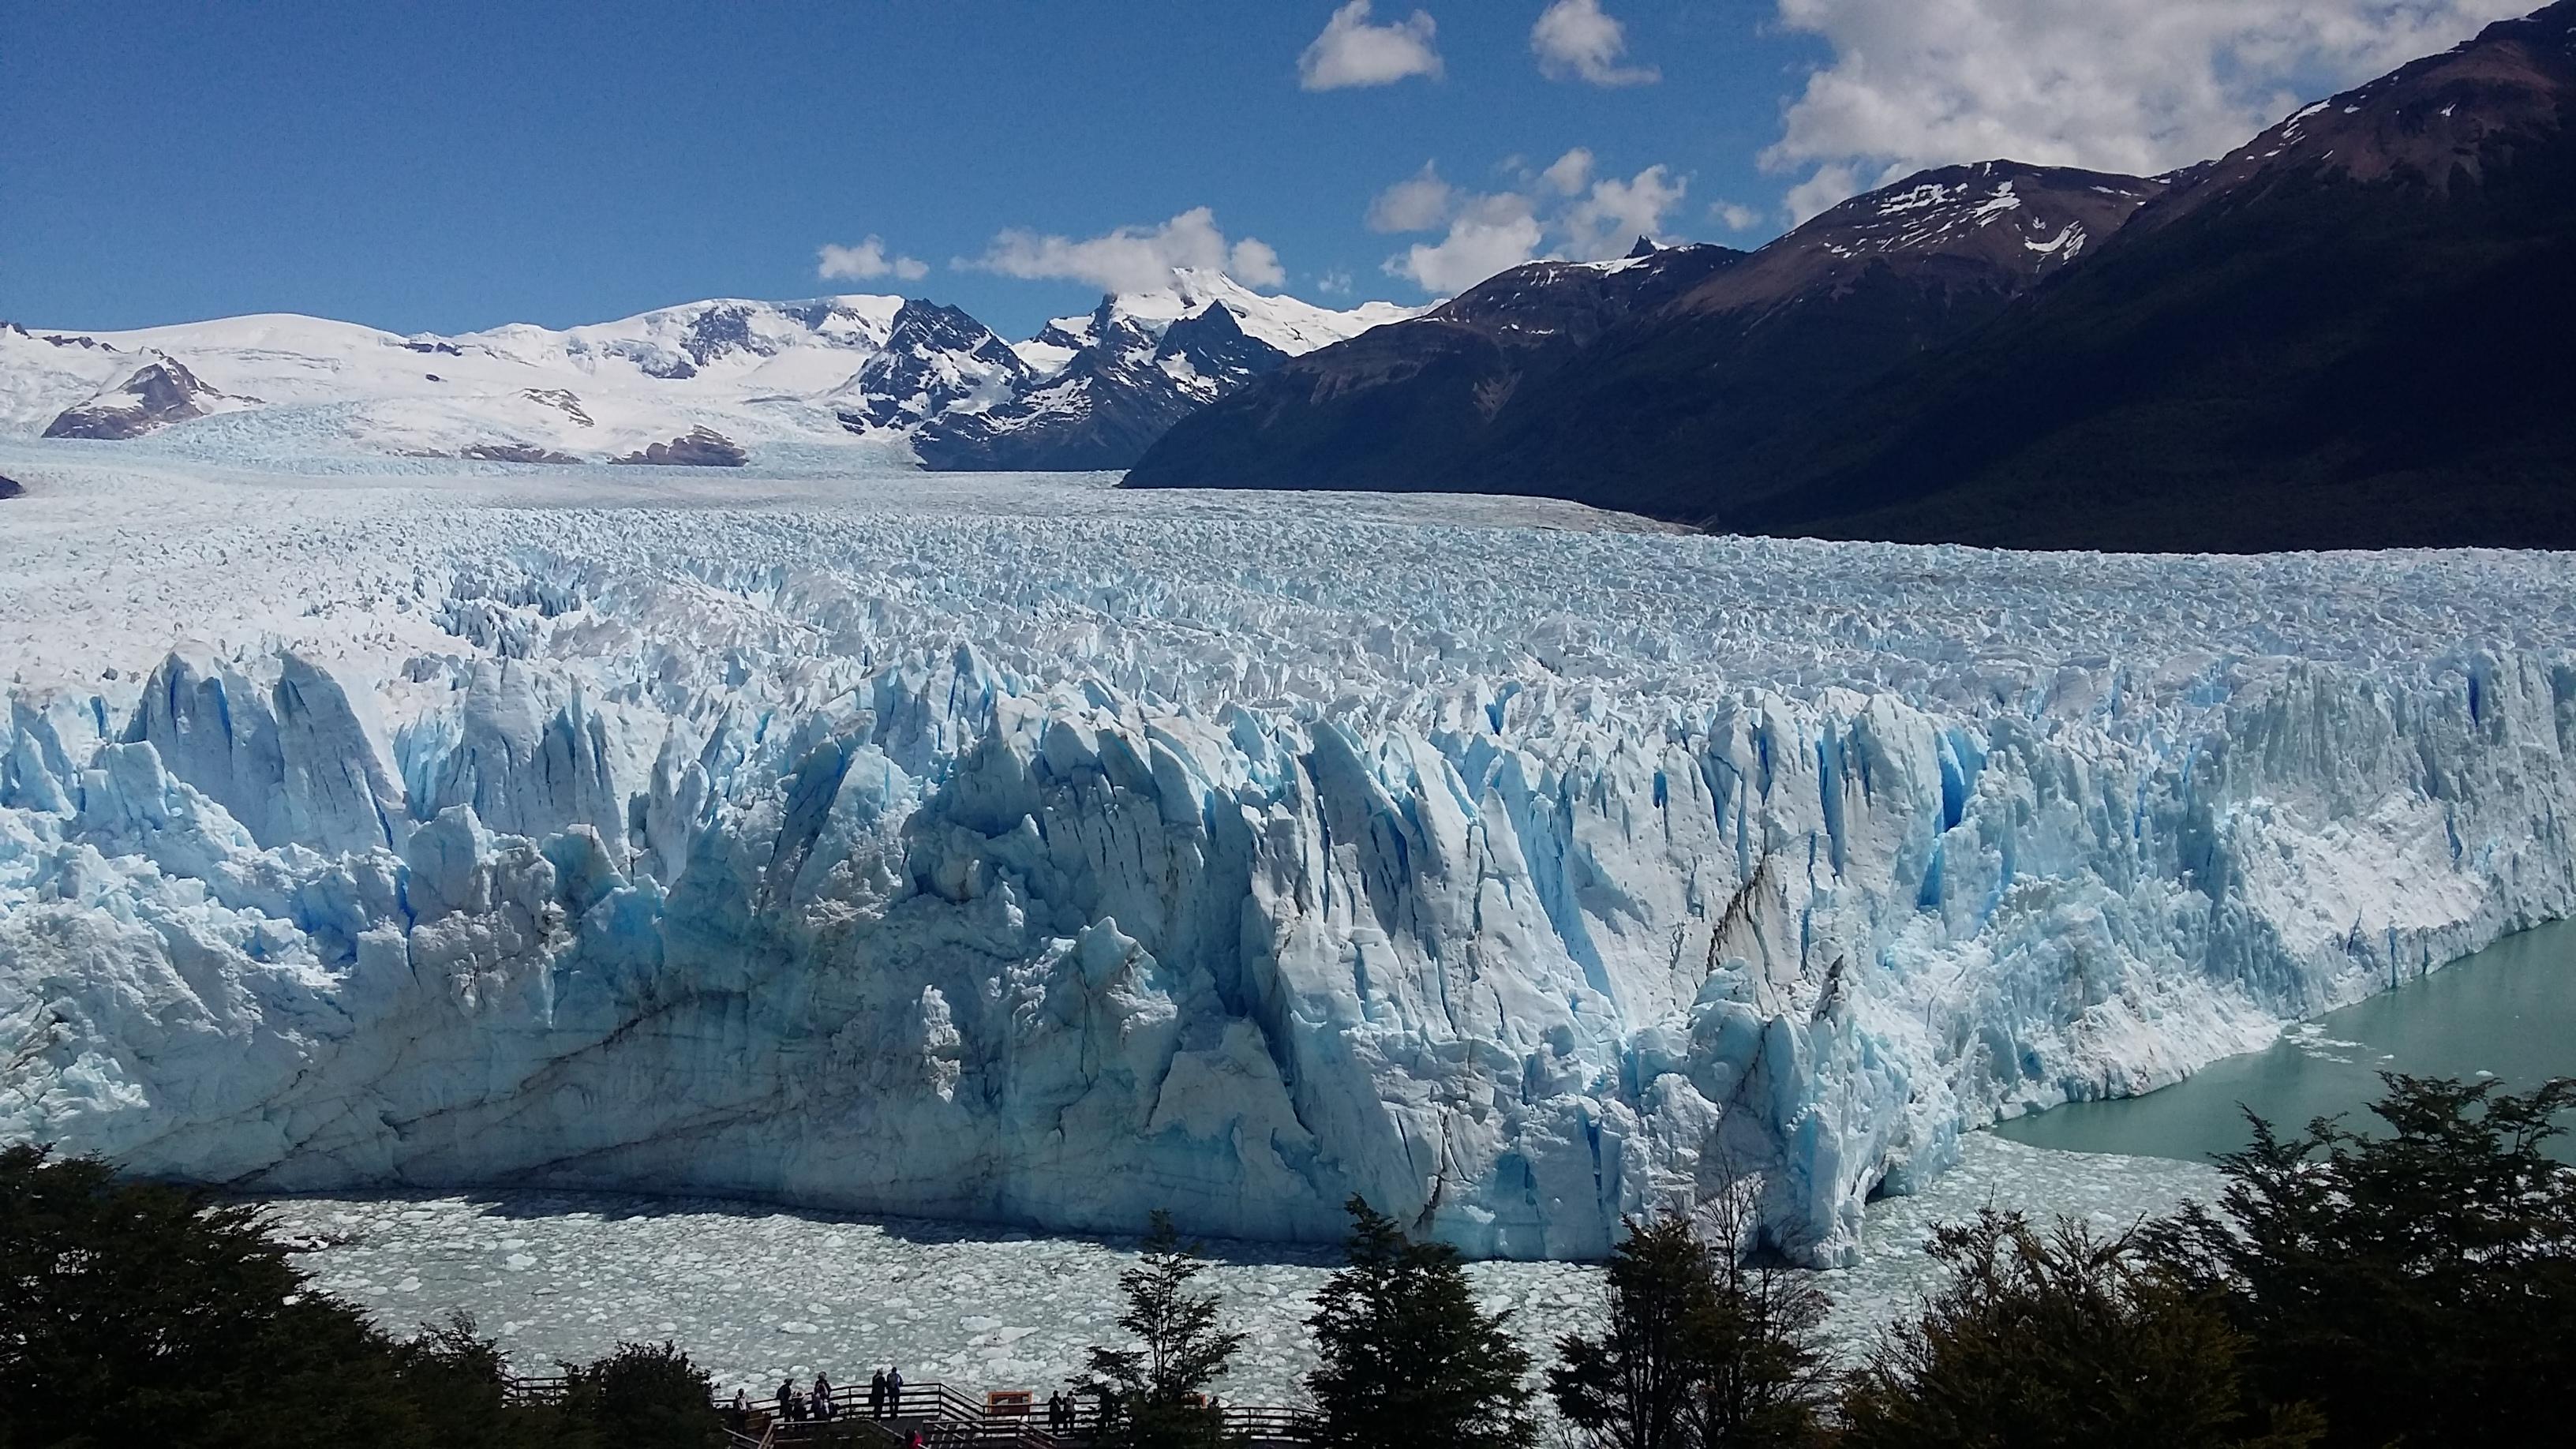 L'Argentine et le Perito Moreno